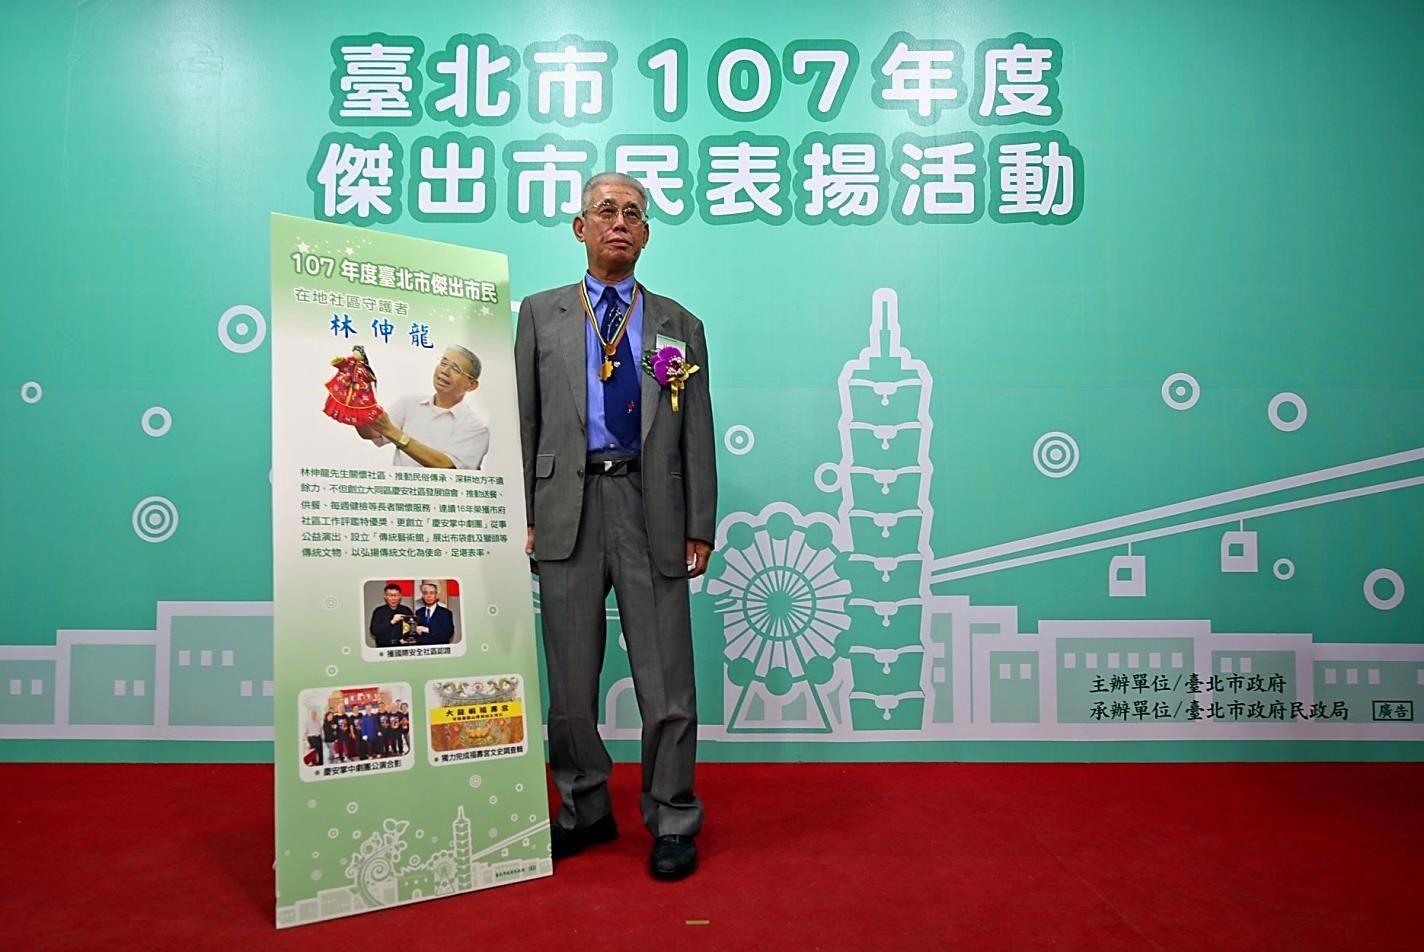 107年度傑出市民林伸龍先生